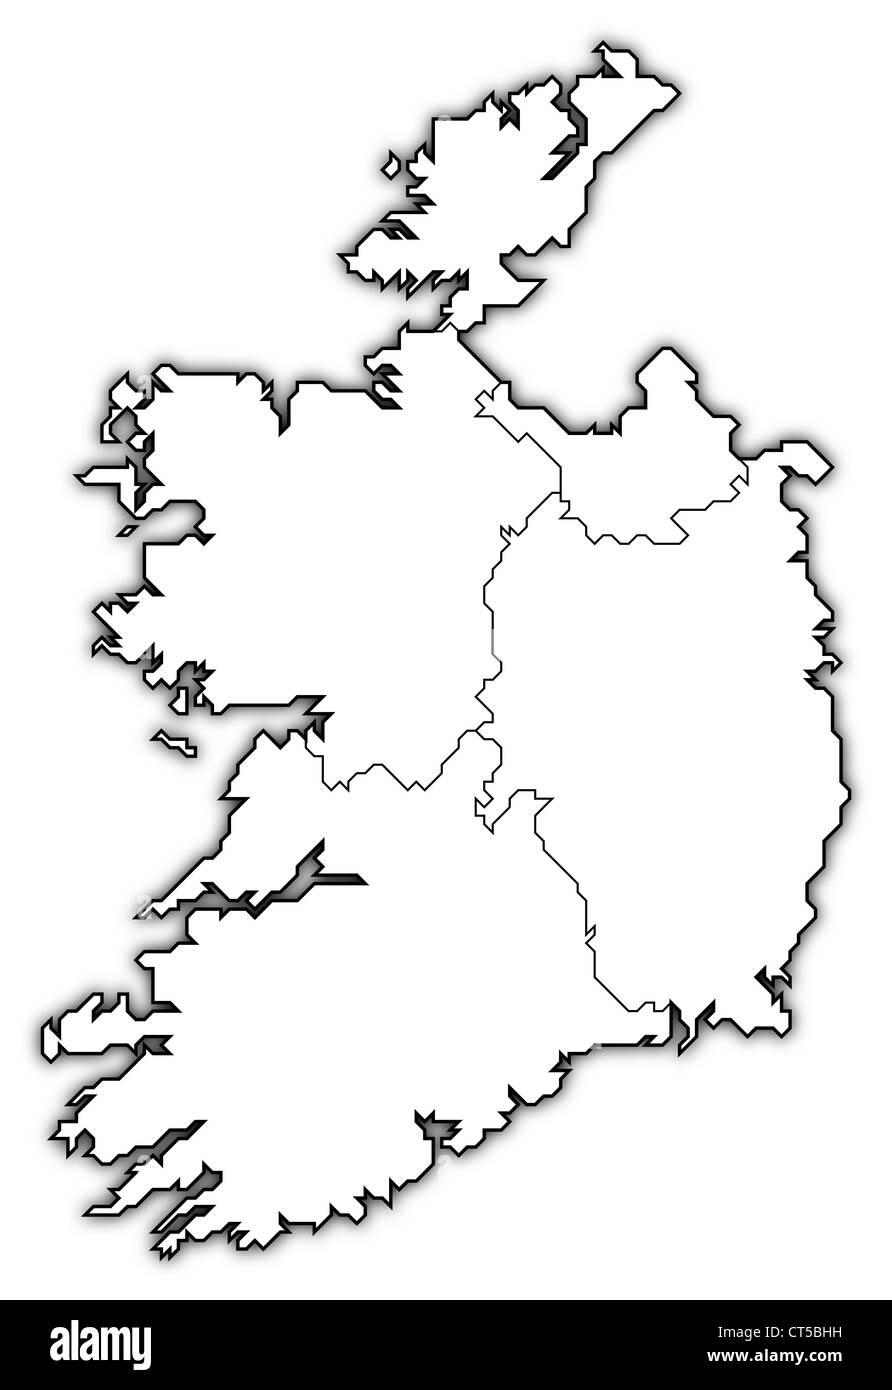 Cartina Politica Dell Irlanda.Mappa Politica Dell Irlanda Con Le Diverse Province Foto Stock Alamy